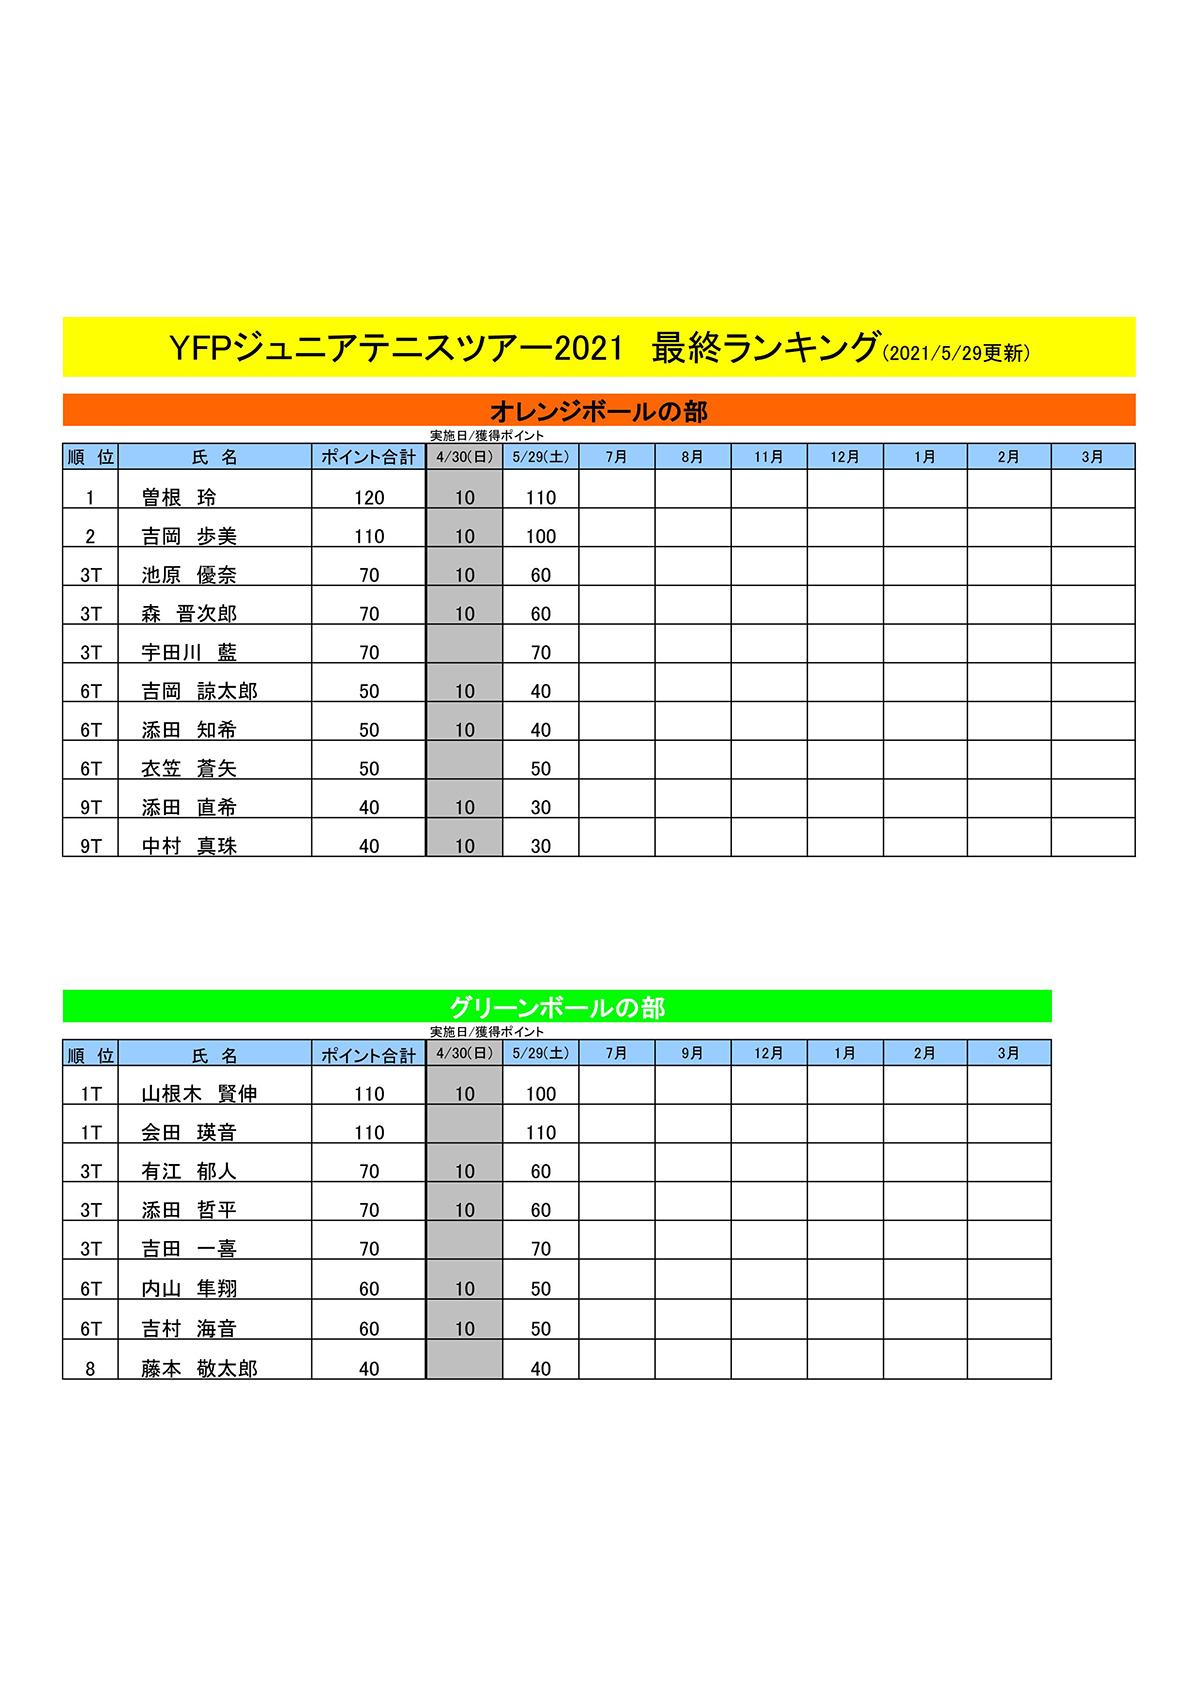 ランキング表(5月29日現在)